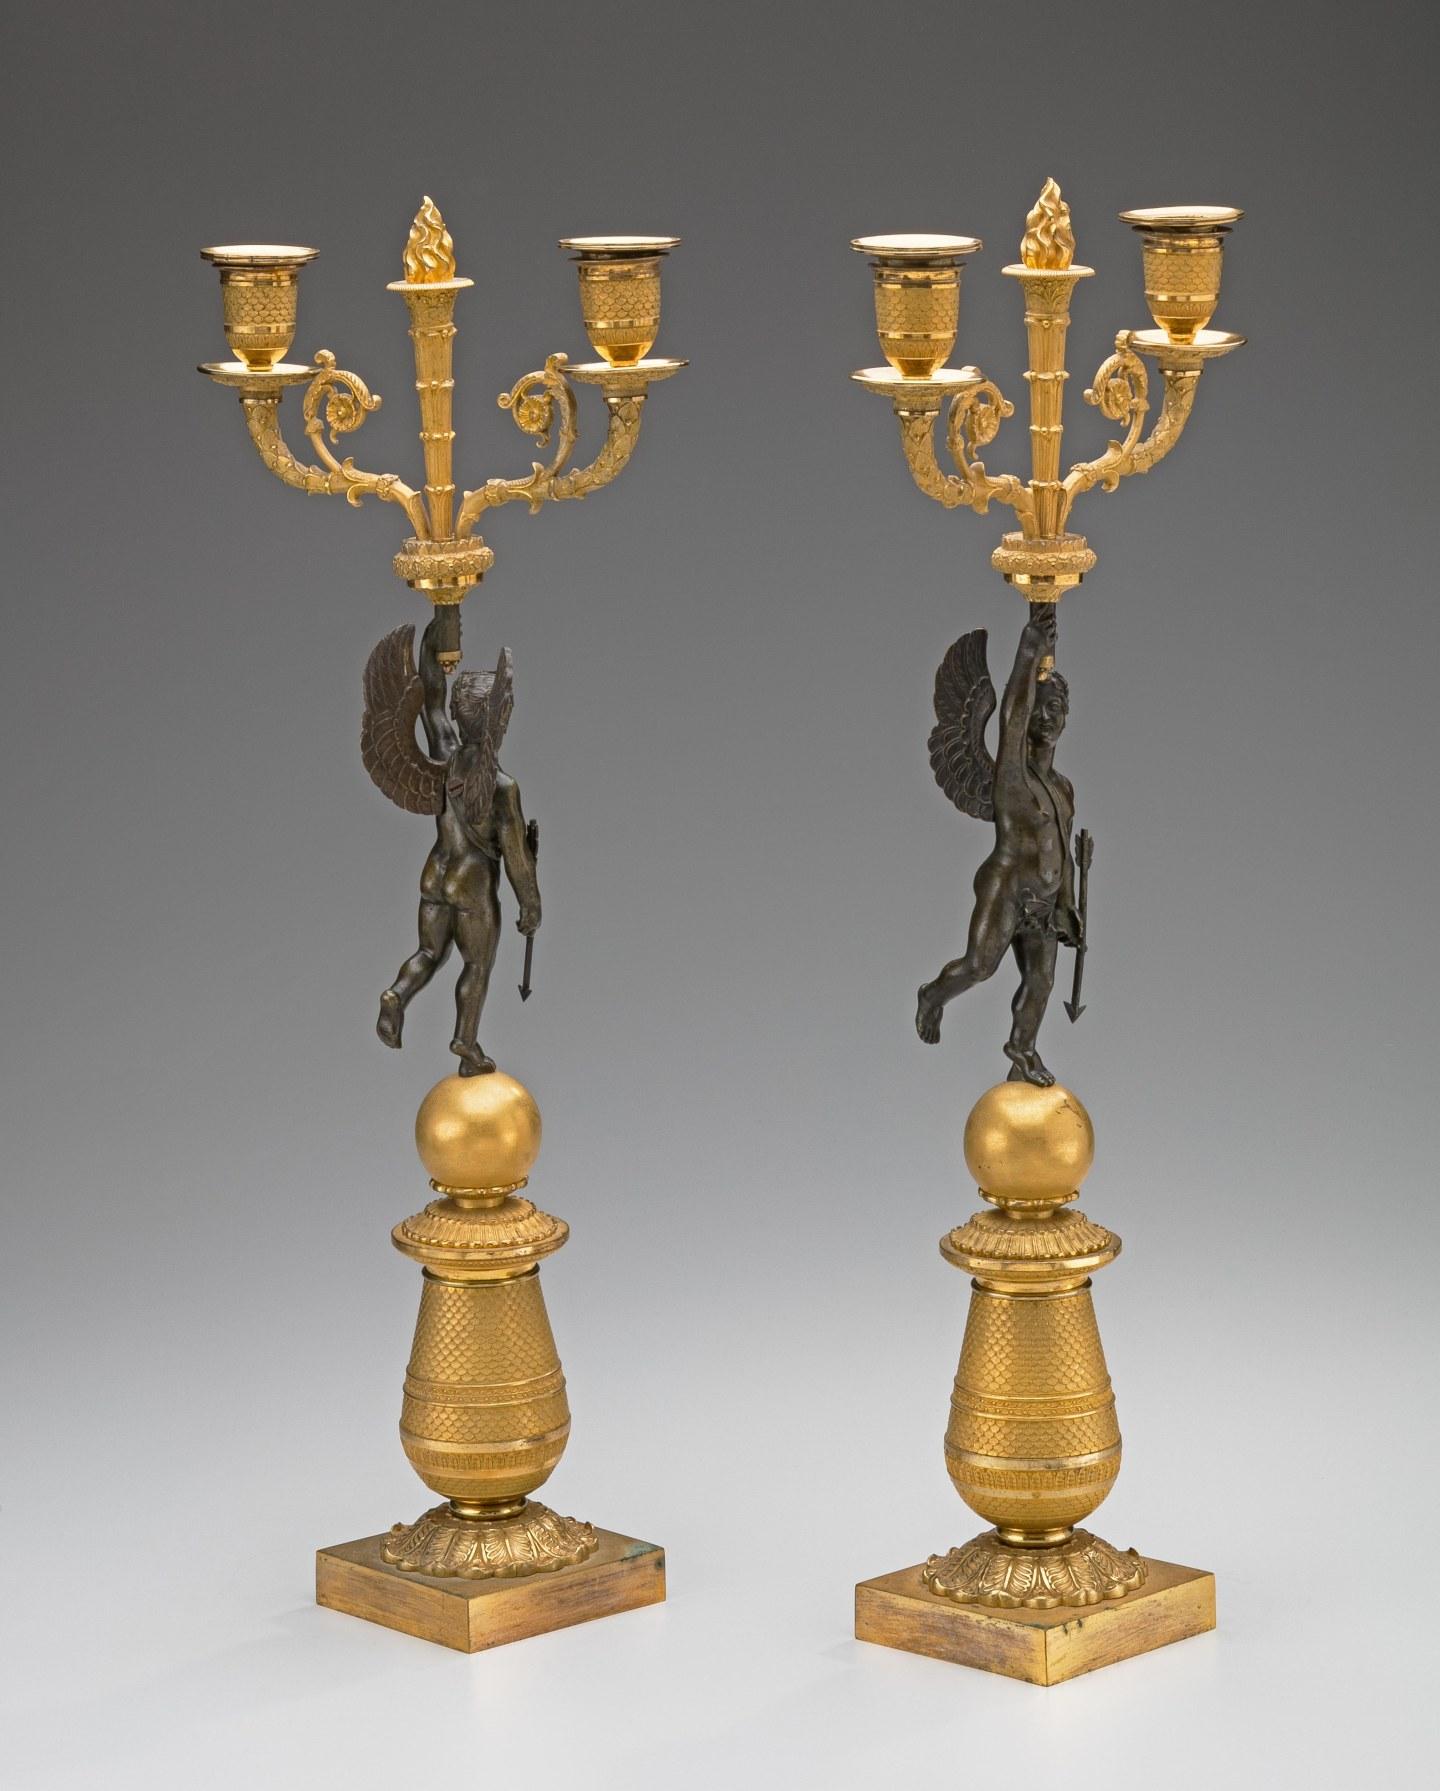 Pair of Restauration Gilt-Bronze Candelabra